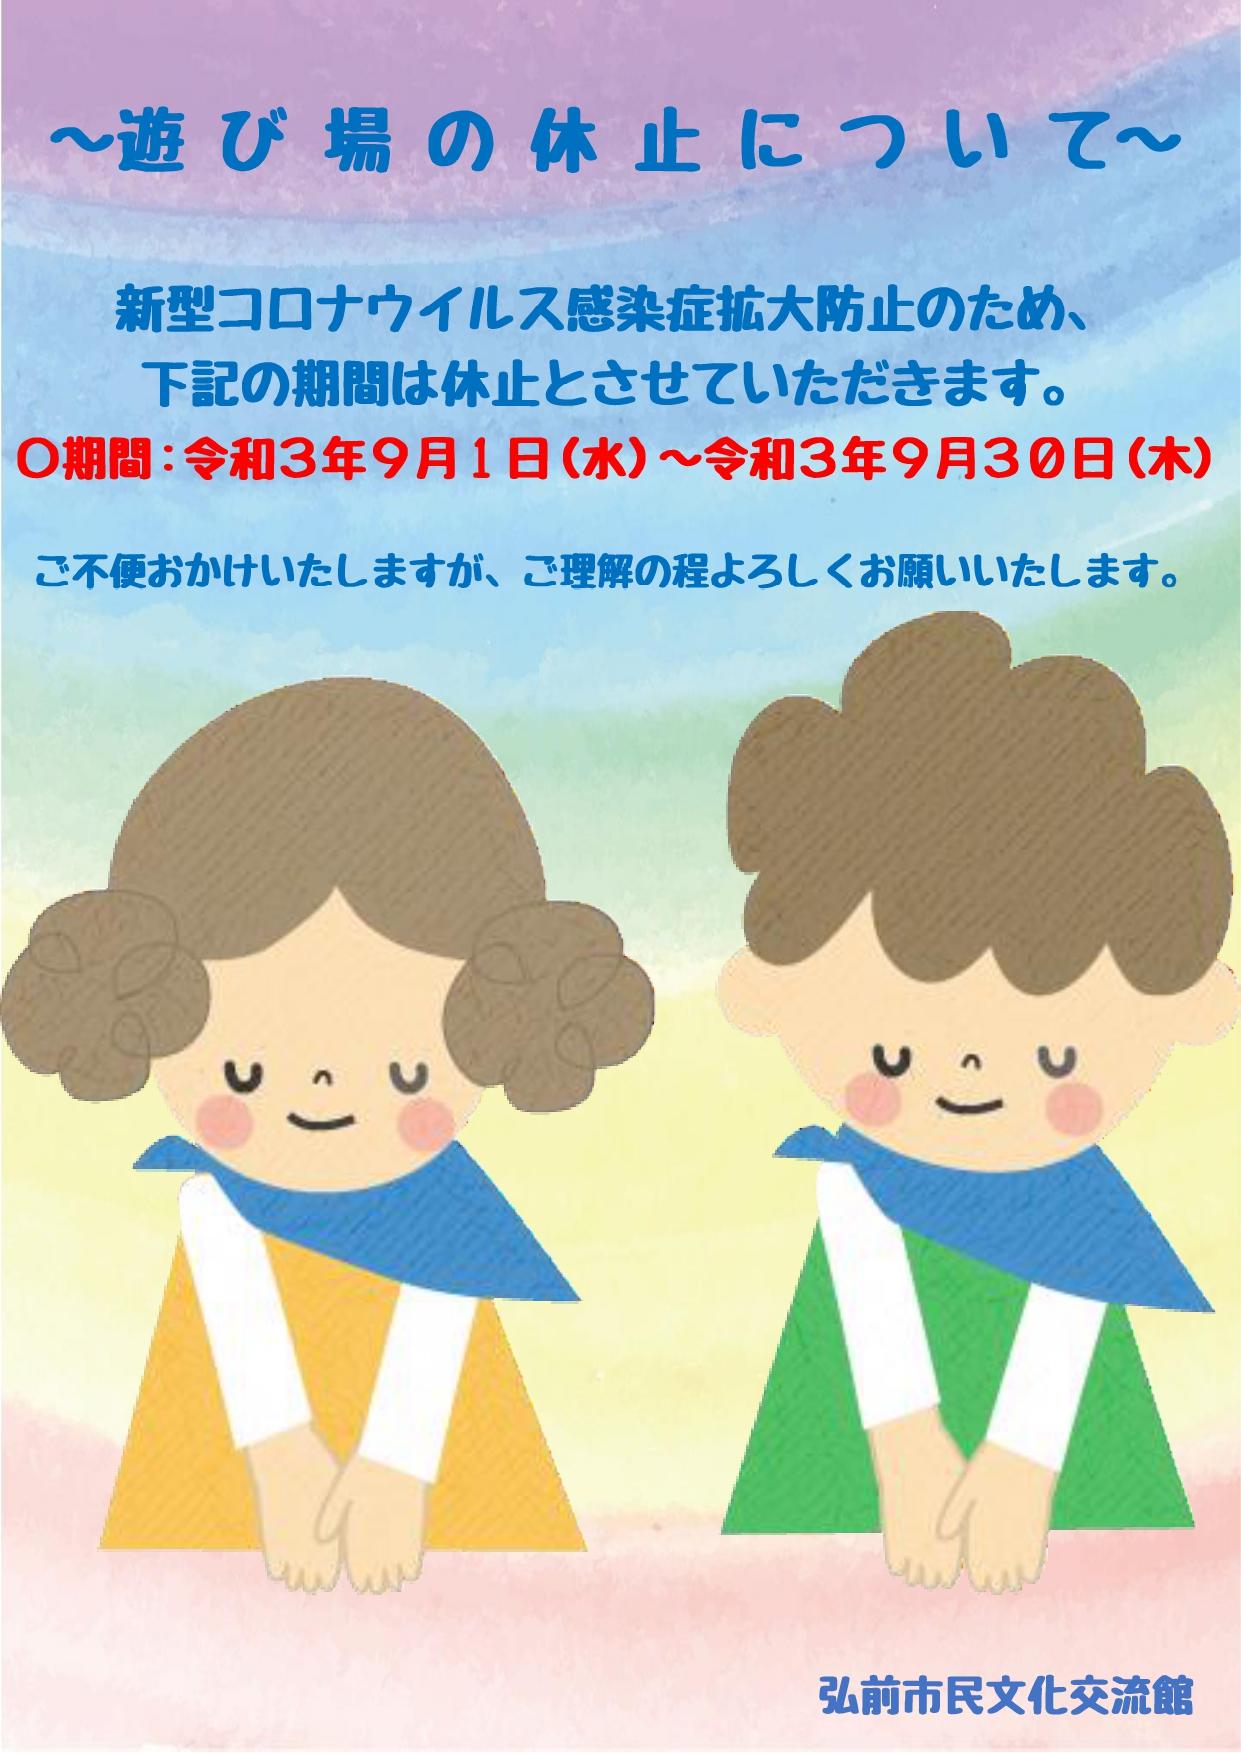 遊び場休止POP_page-0001.jpg